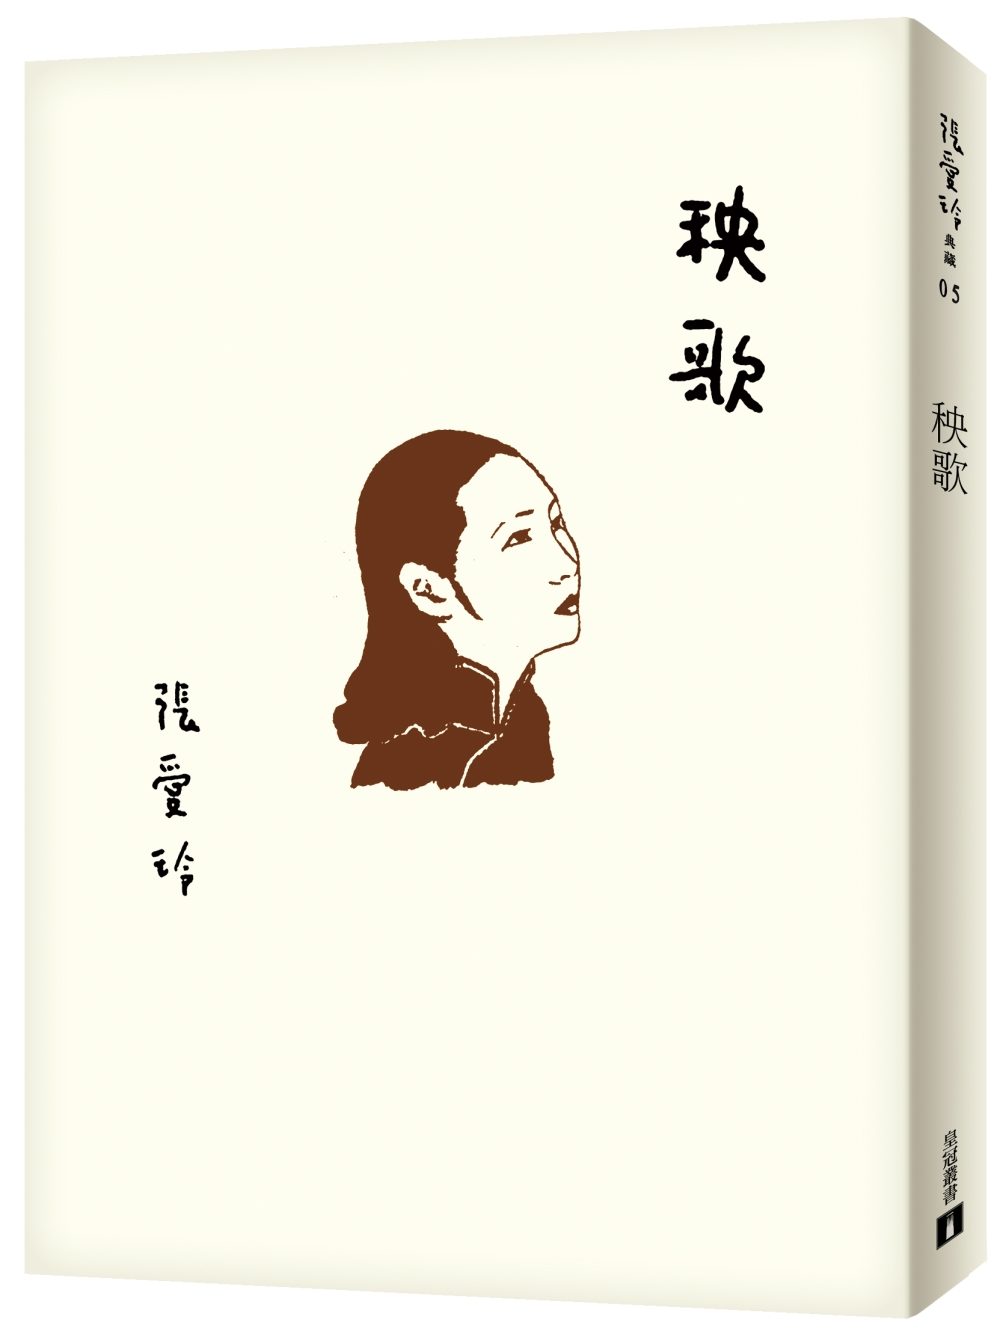 秧歌【張愛玲百歲誕辰紀念版】